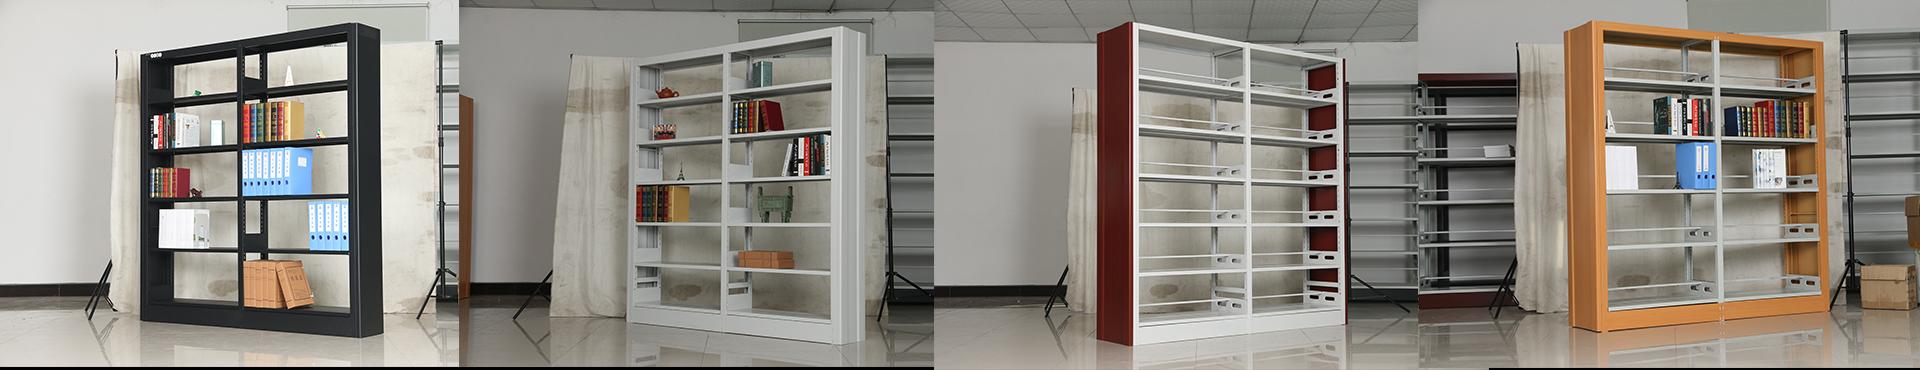 图书馆书架厂致力于为图书馆书架行业提供优质铁书架